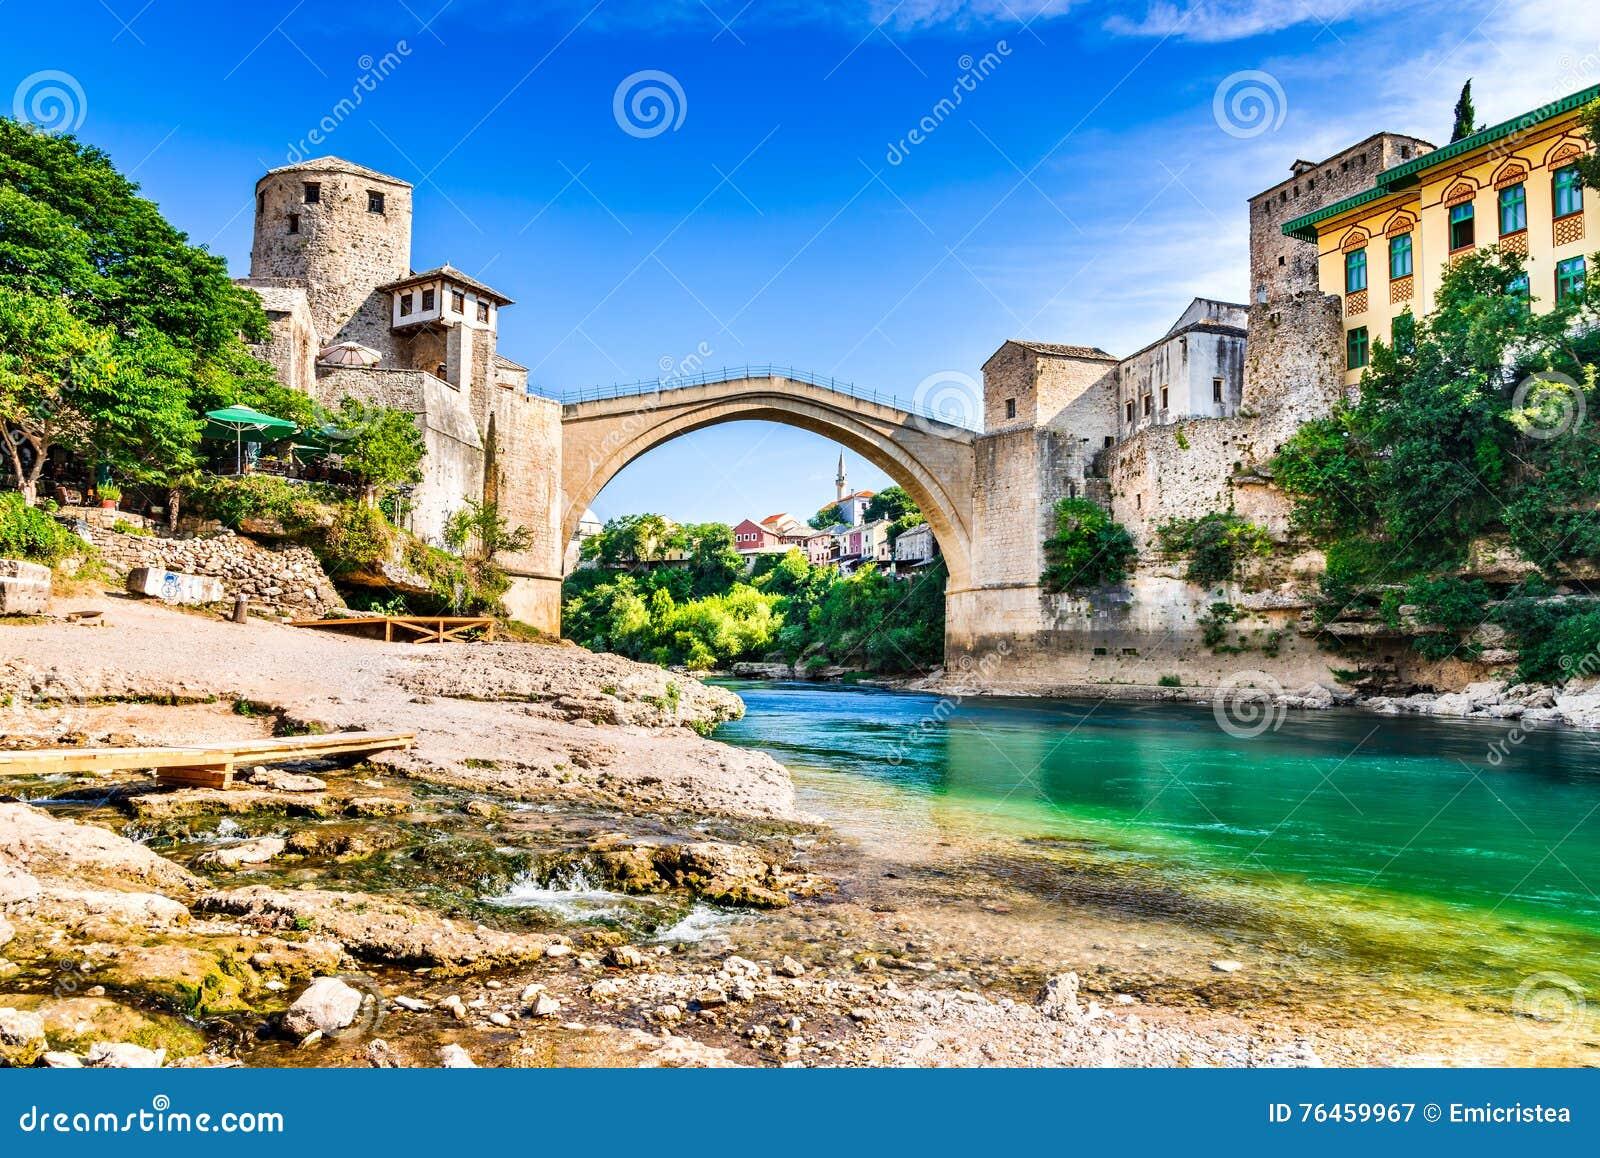 Mostar Bosnien och Hercegovina - Stari mest, gammal bro